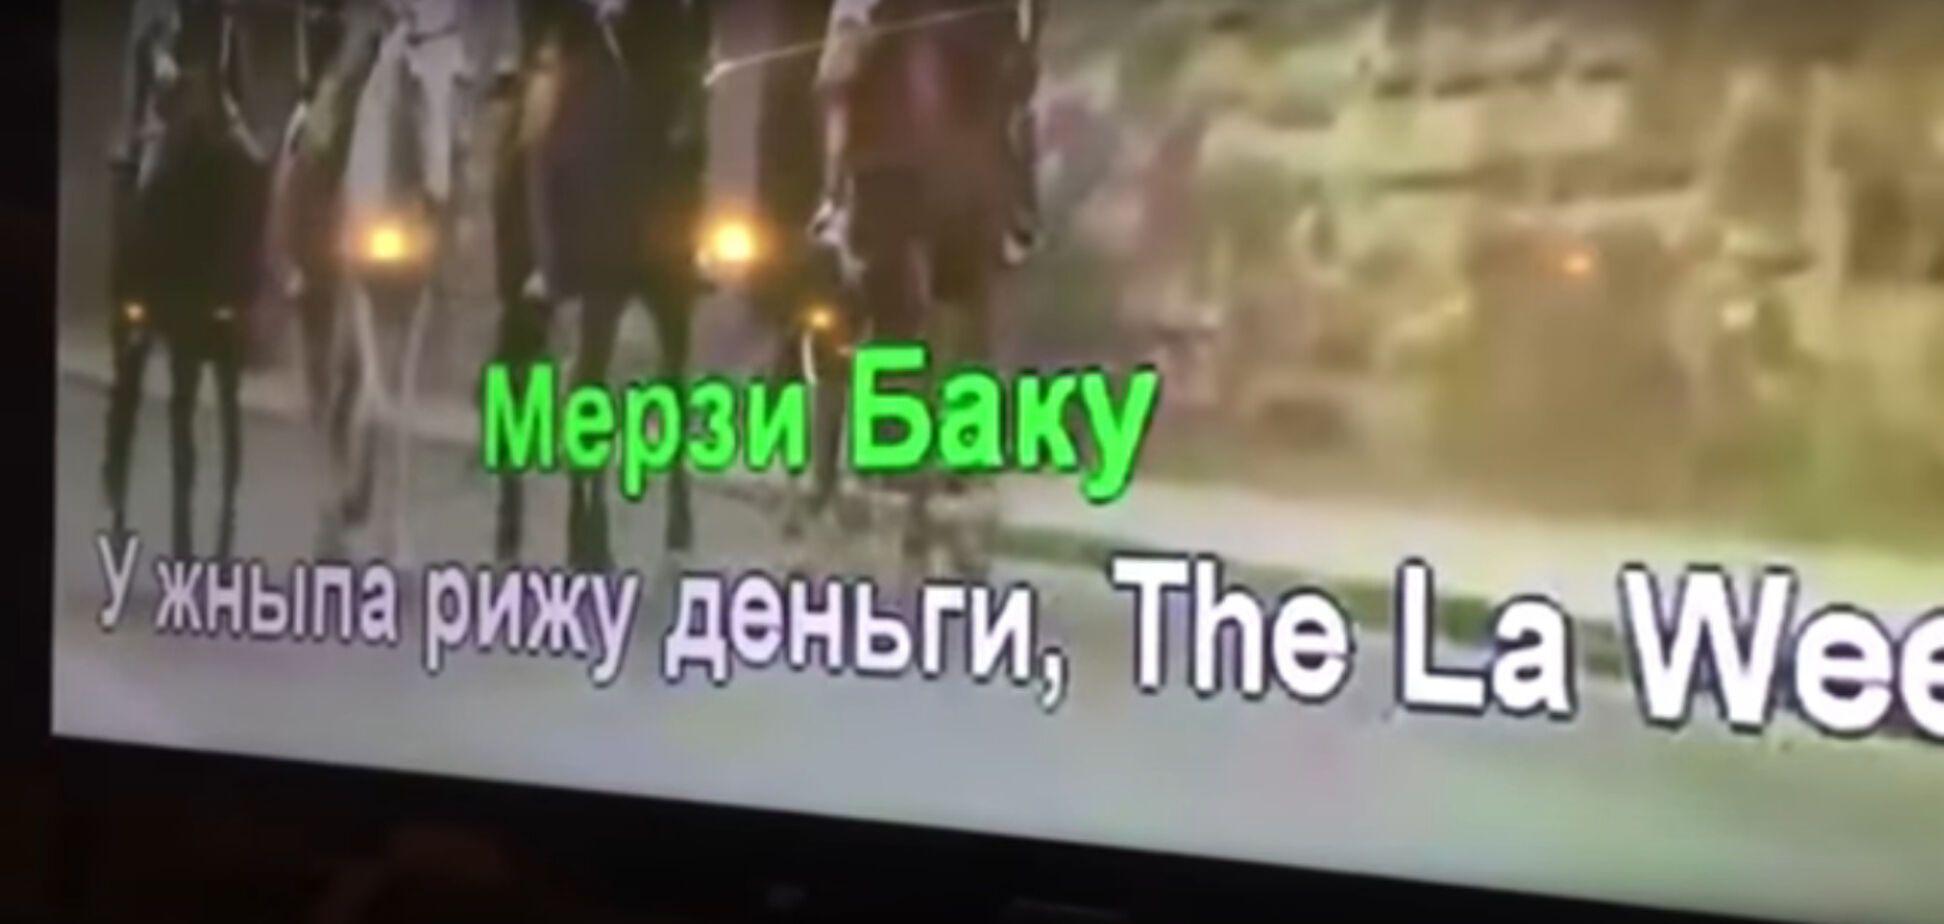 Мерзи Баку! В Турции караоке-бар оконфузился, пытаясь угодить российским туристам